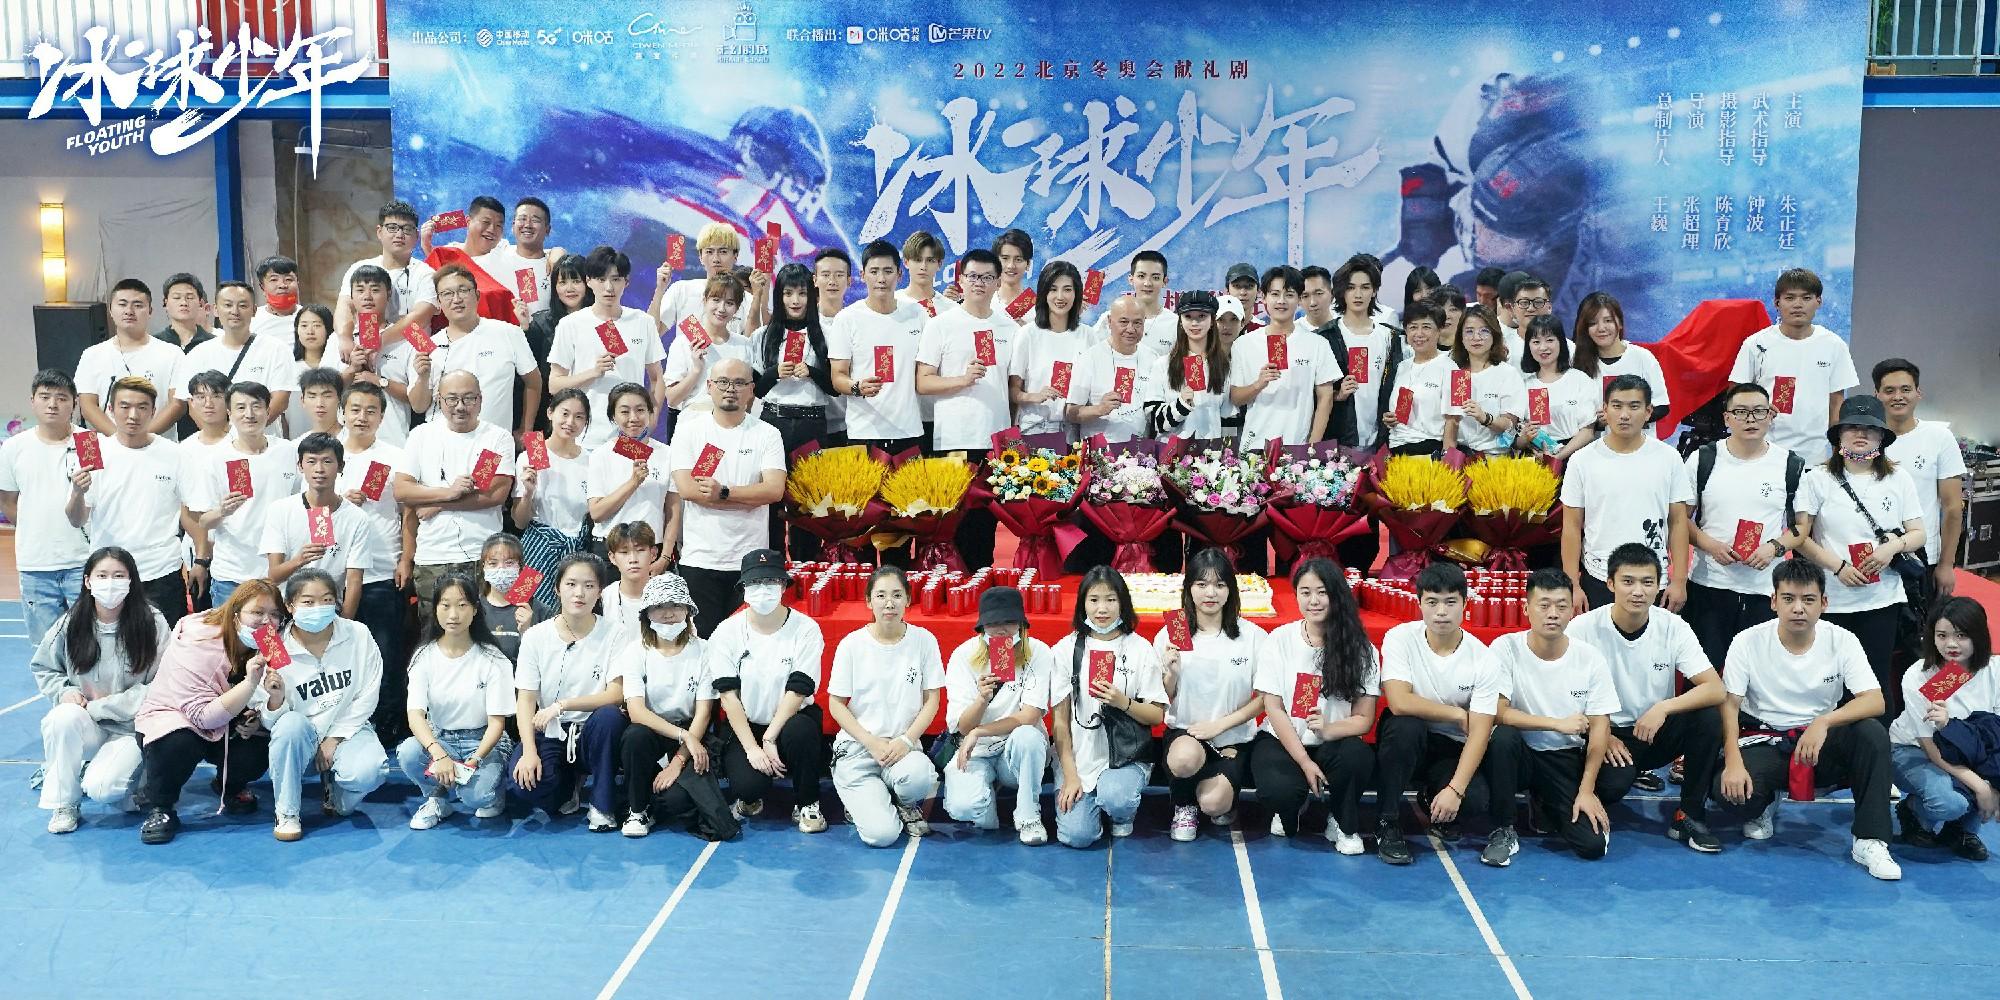 青春竞技剧《冰球少年》官宣开机,热血逐梦献礼北京冬奥会